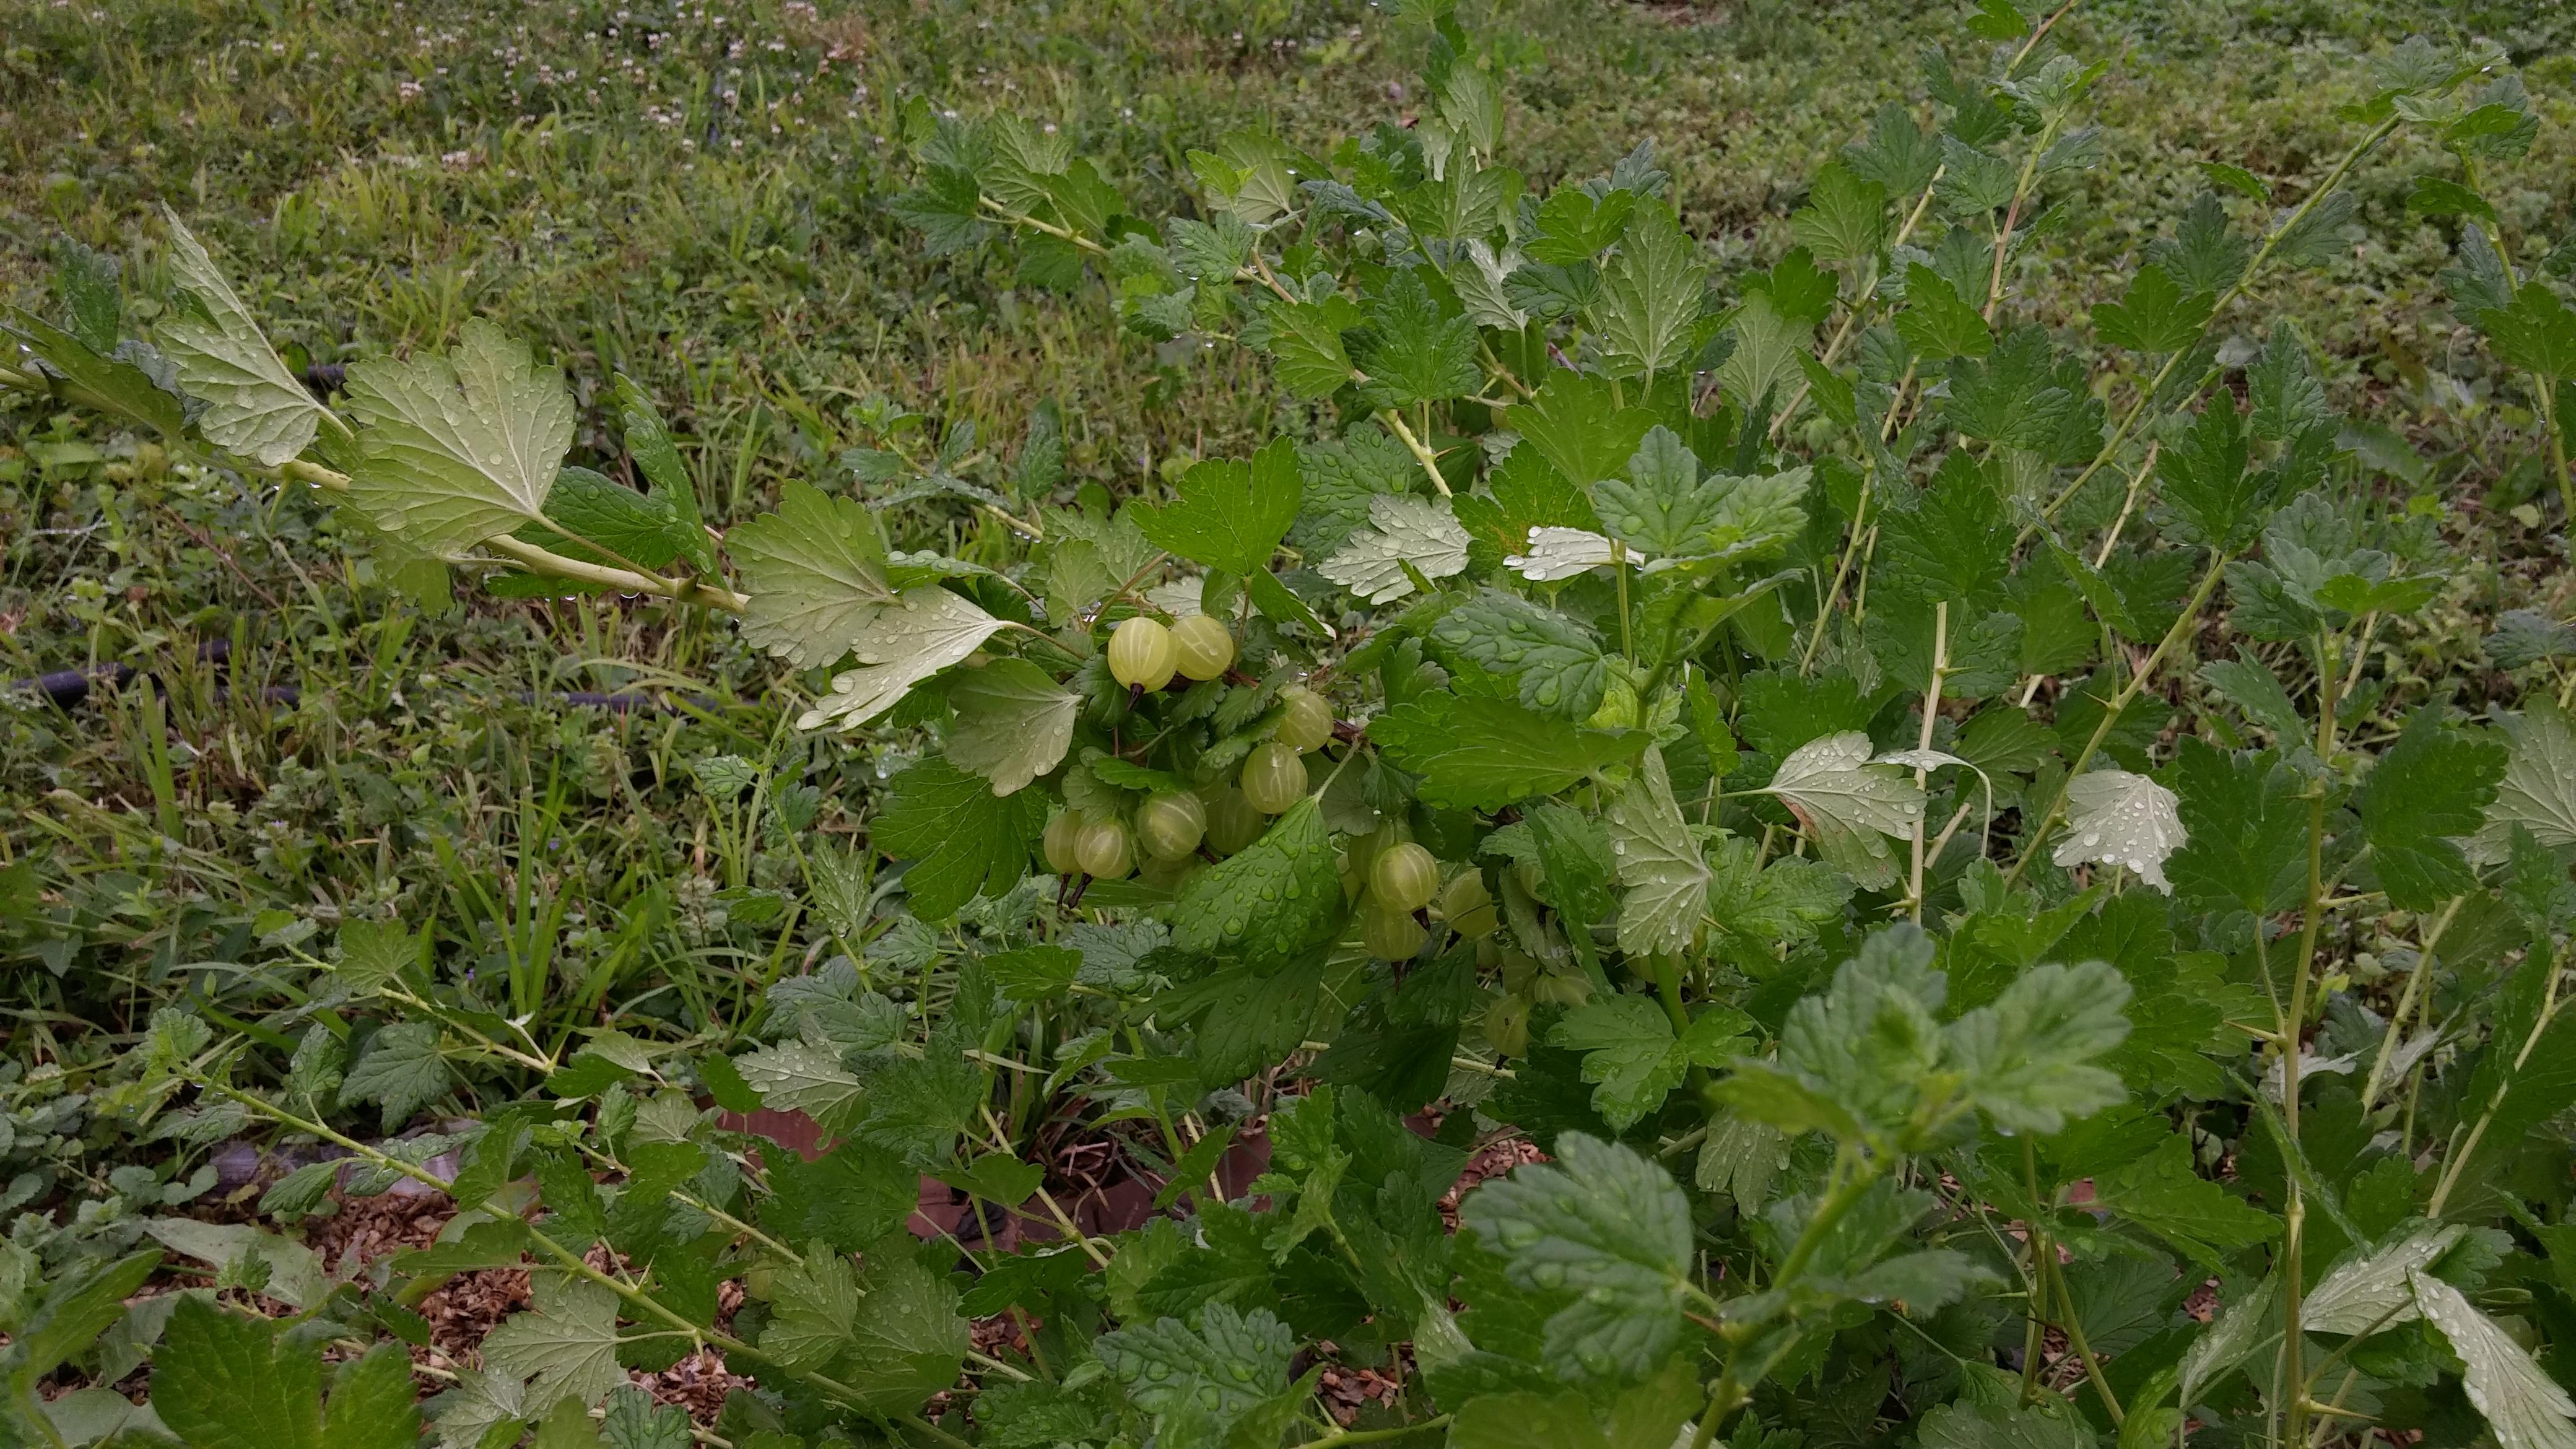 gooseberries%20on%20plant[1].jpg